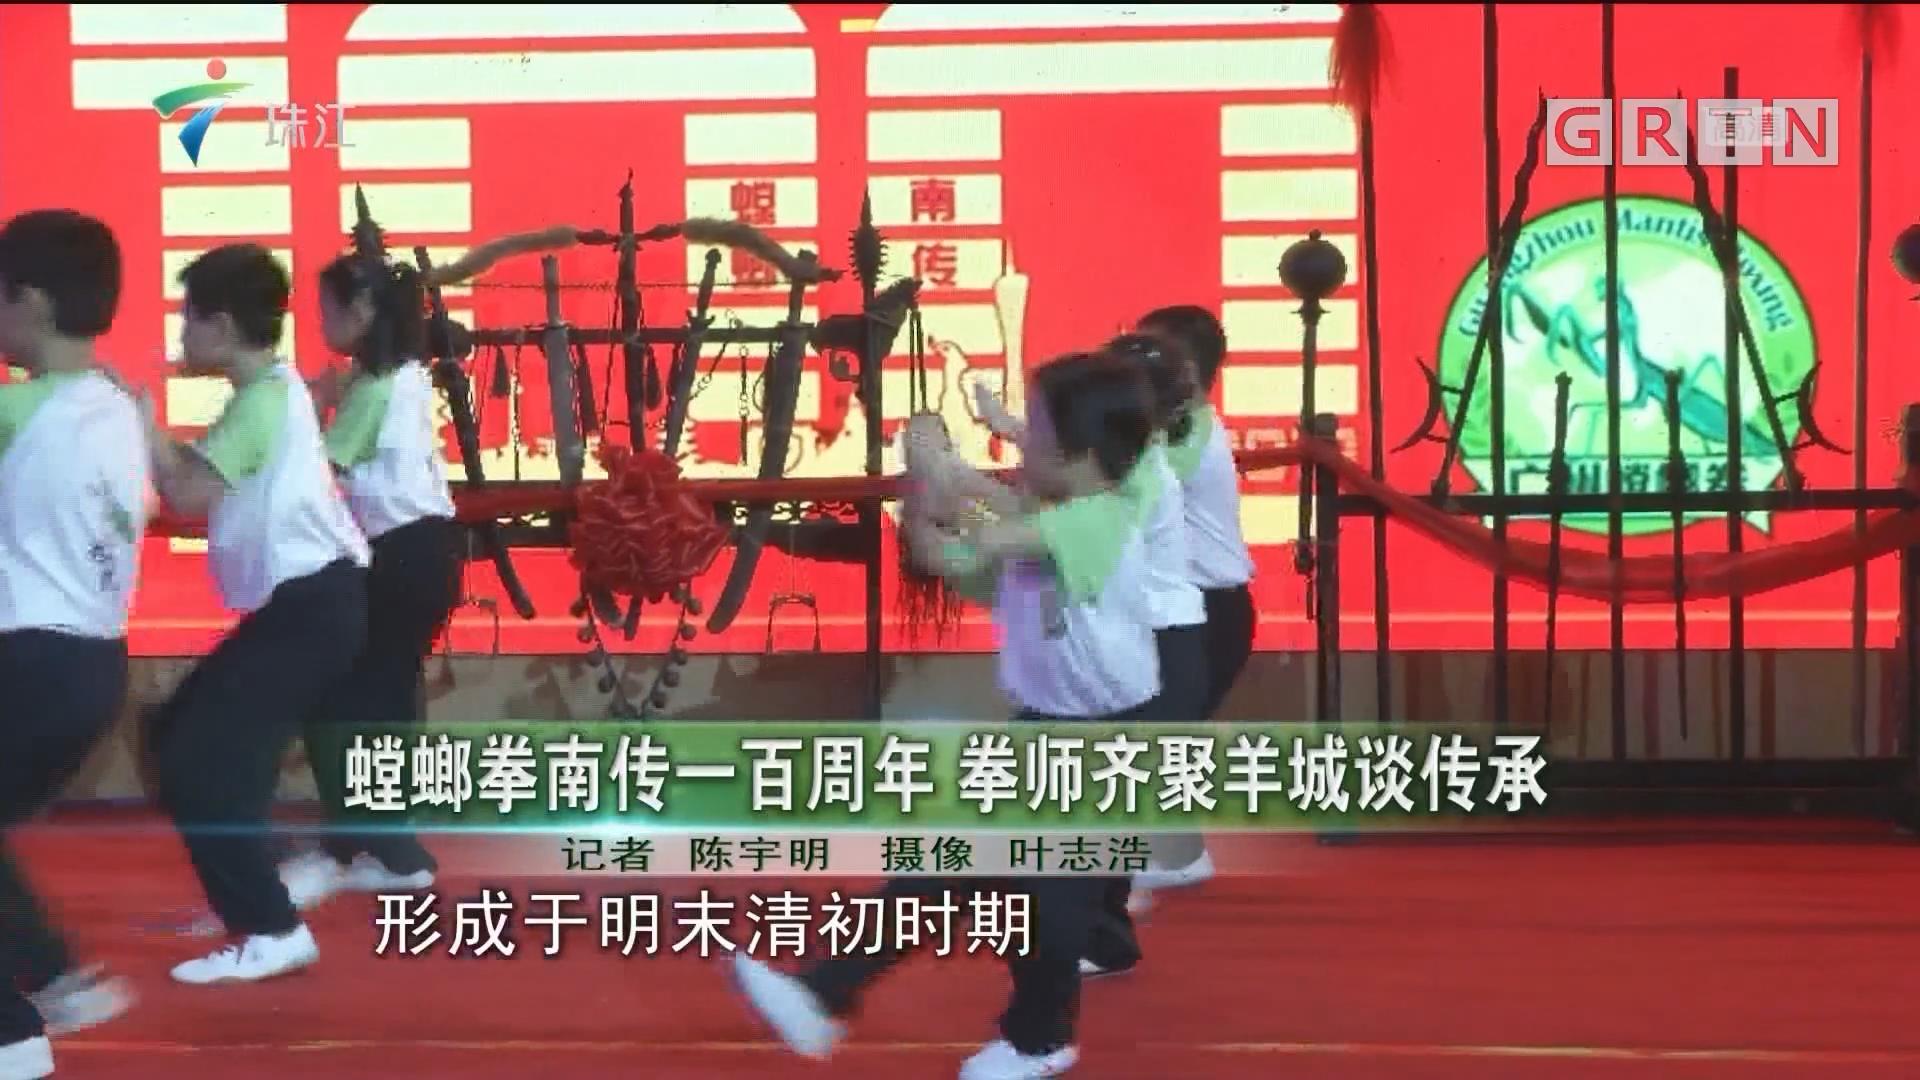 螳螂拳南传一百周年 拳师齐聚羊城谈传承